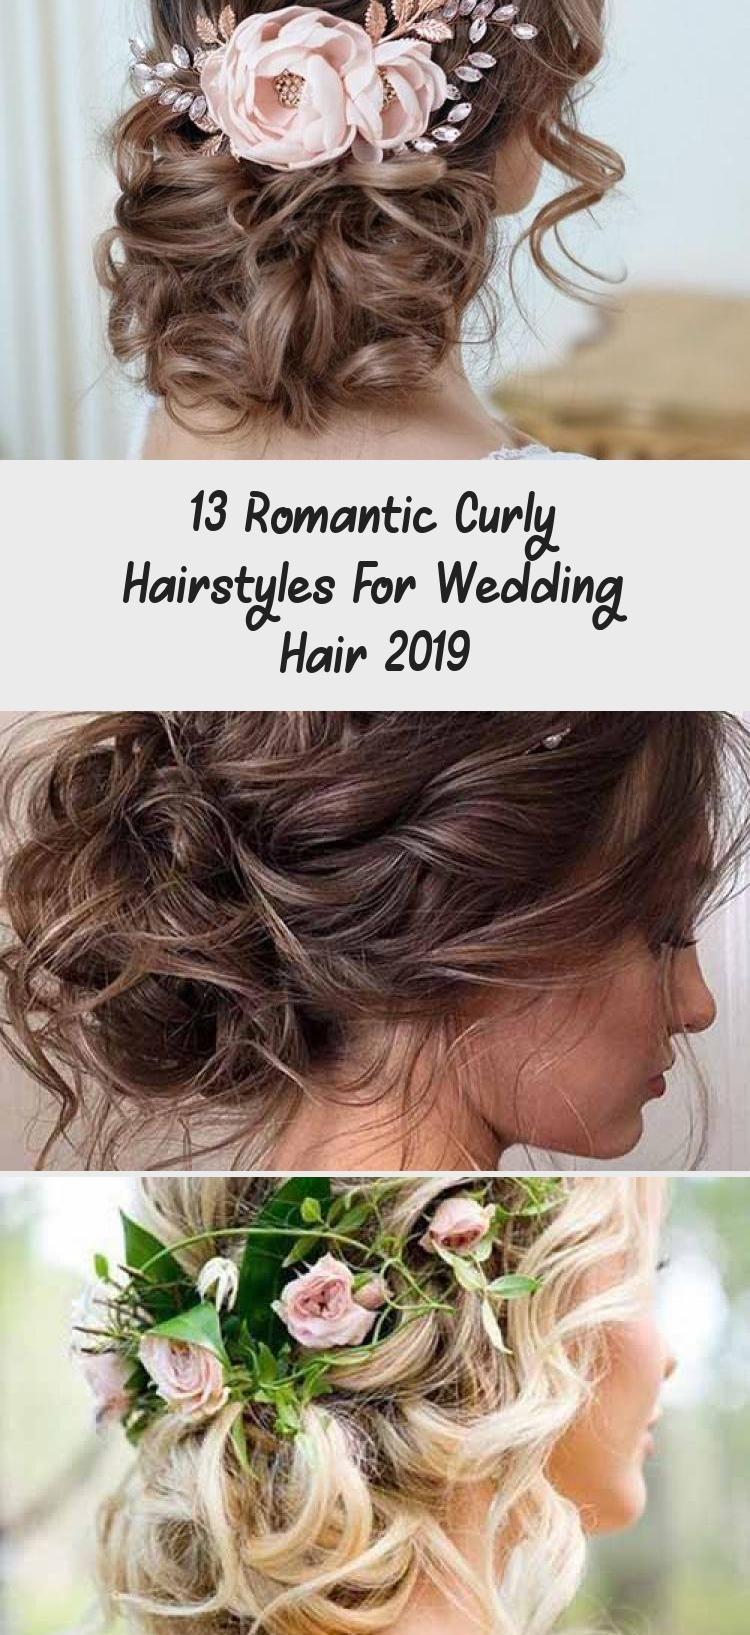 Diese 5 romantischen lockigen Frisuren sind sehr verlockend. Probieren Sie dieses romantische lockige hai …